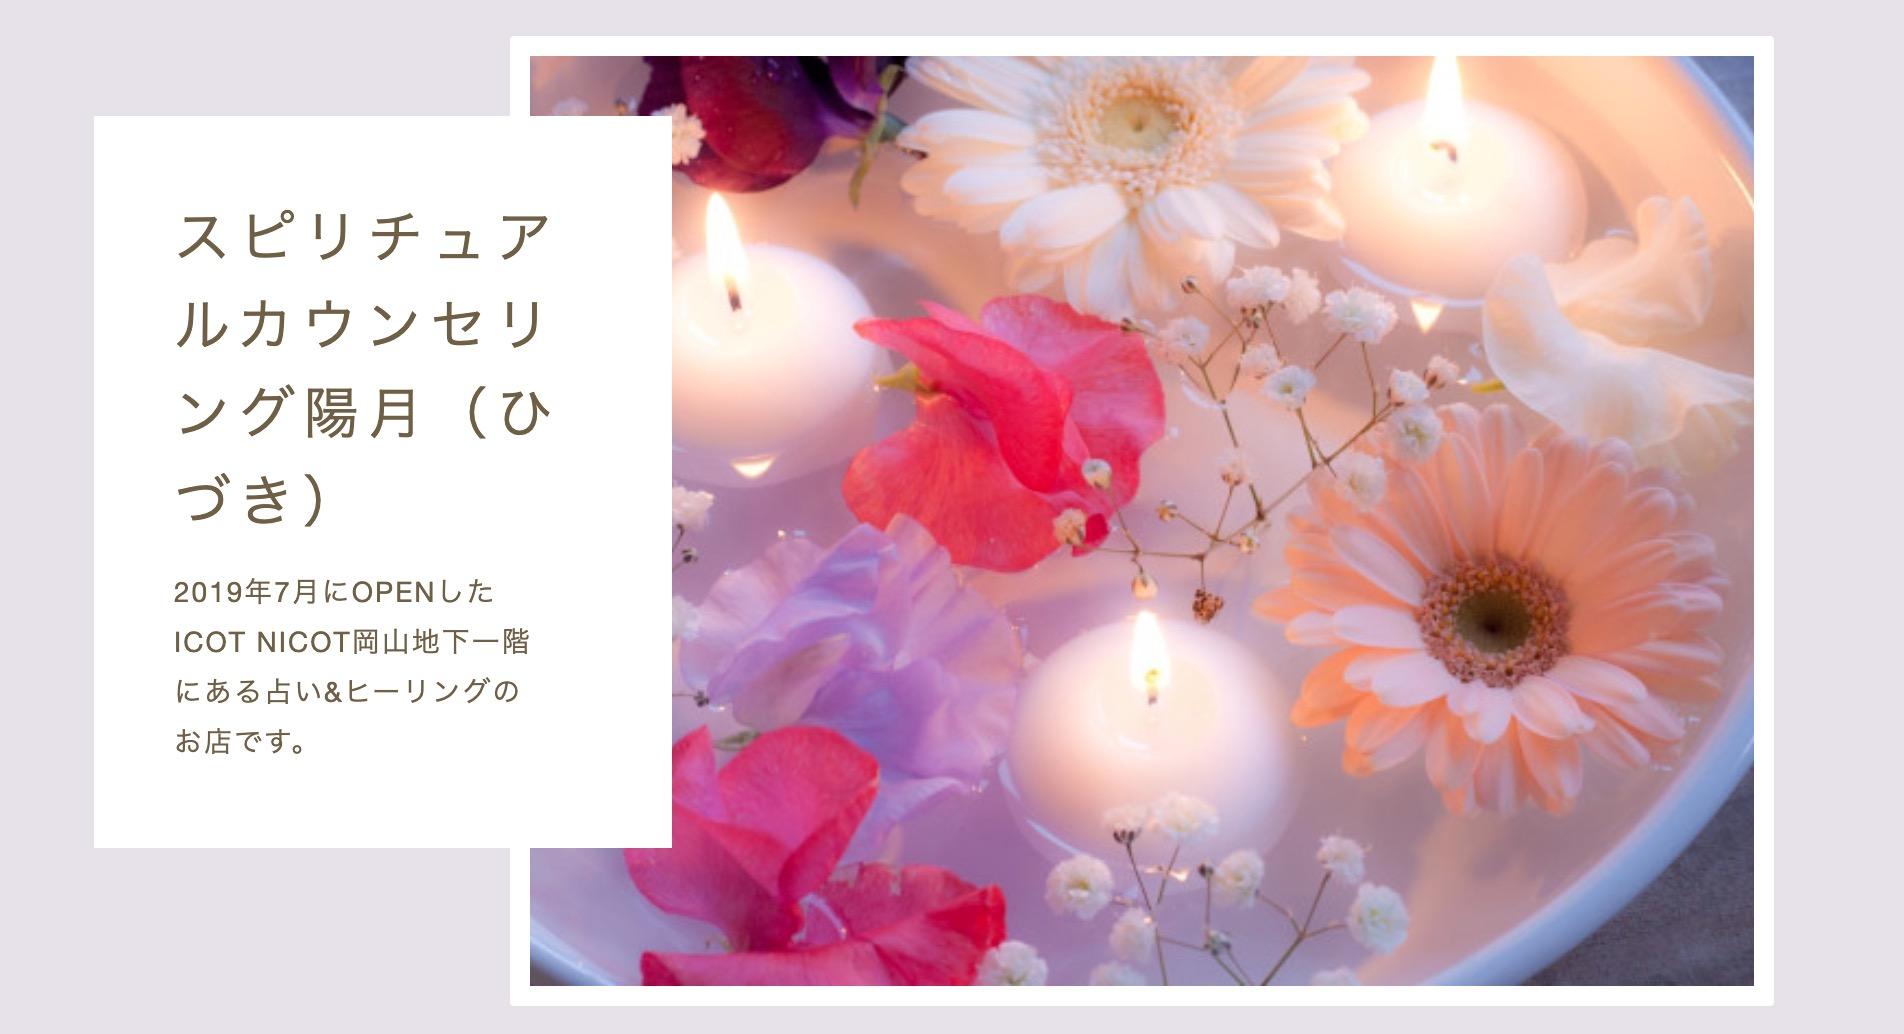 スピリチュアルカウンセリング陽月(ひづき)